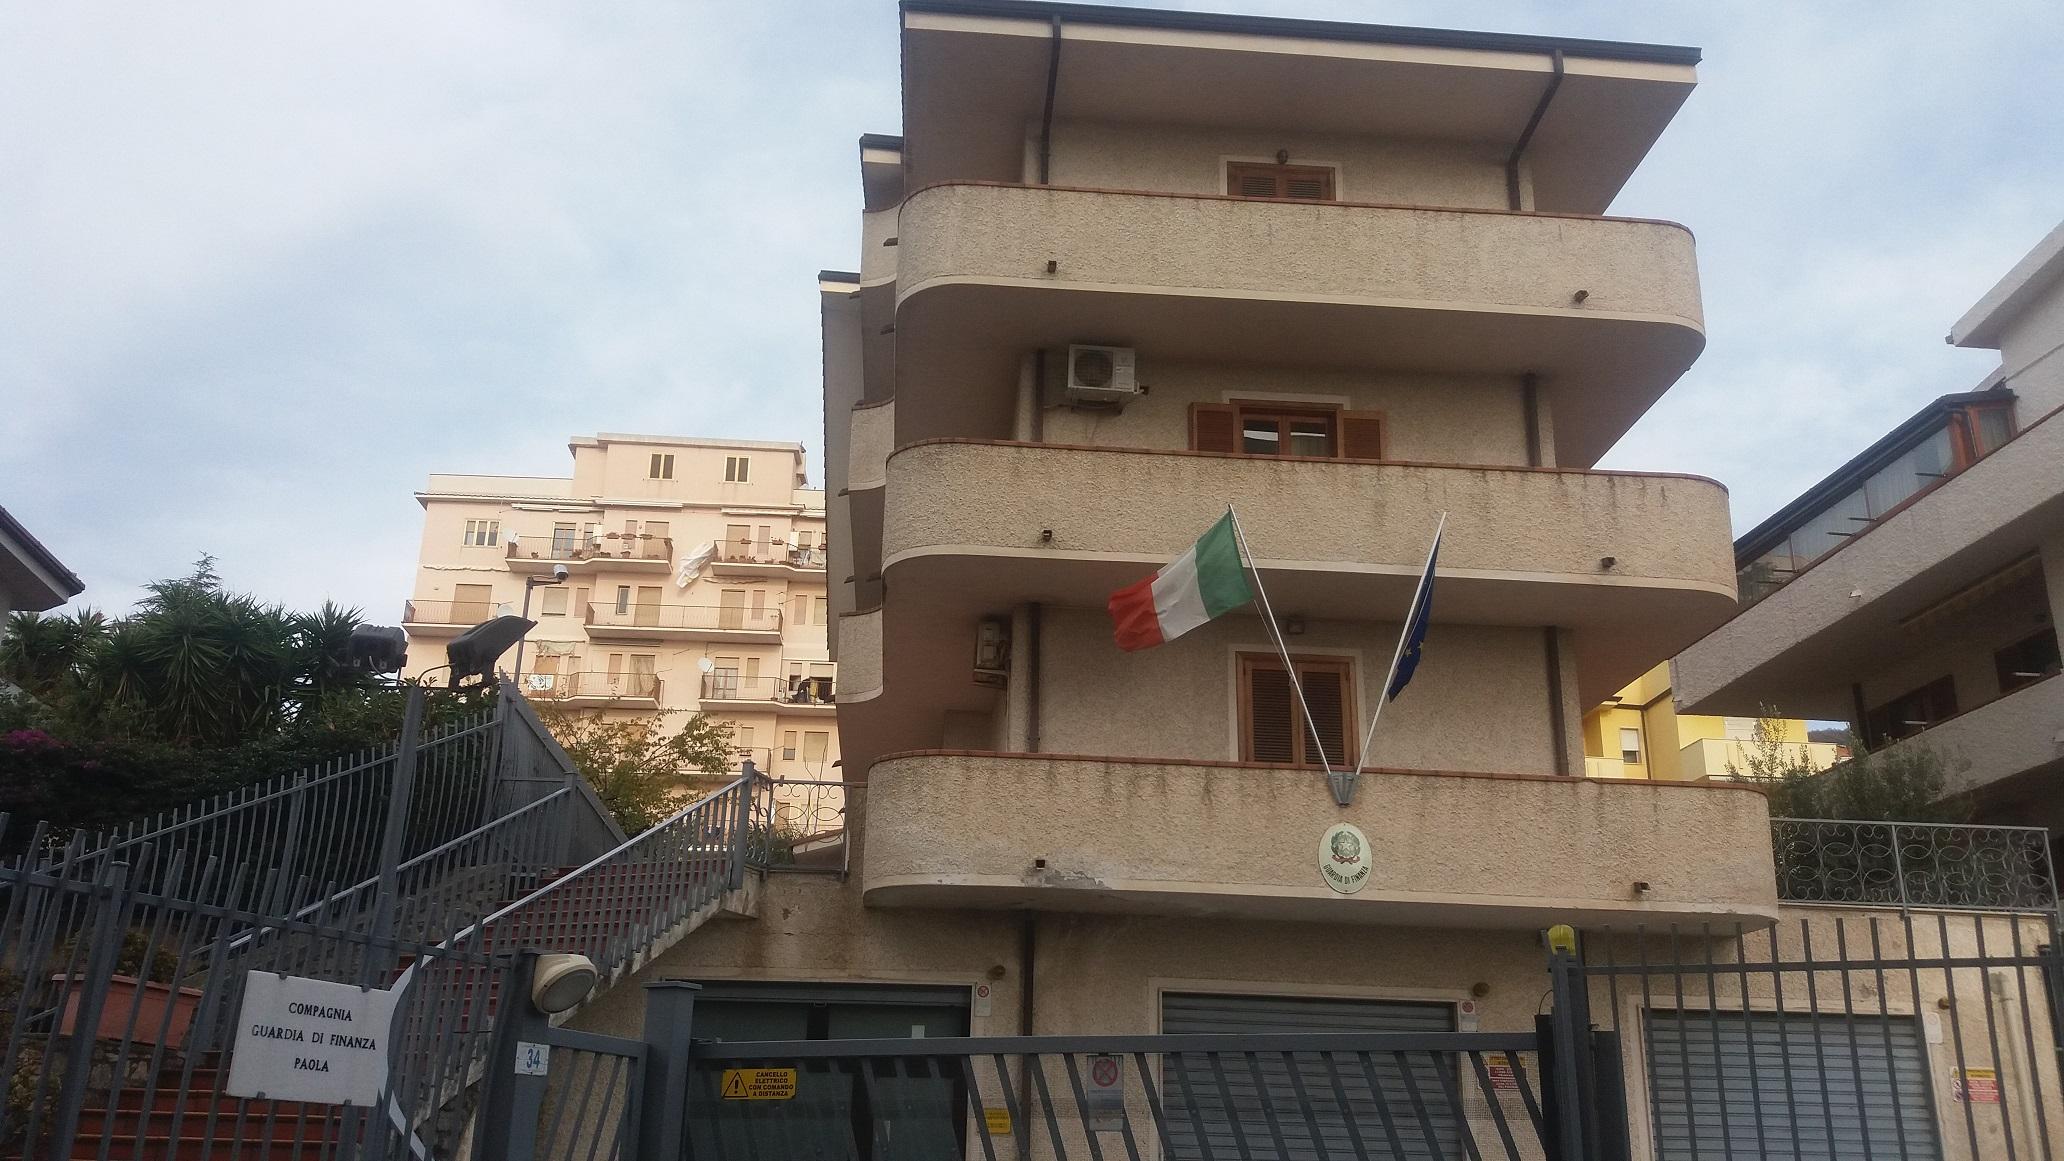 Evasione fiscale, denunciato imprenditore cosentinoScattato anche il sequestro beni per 471mila euro